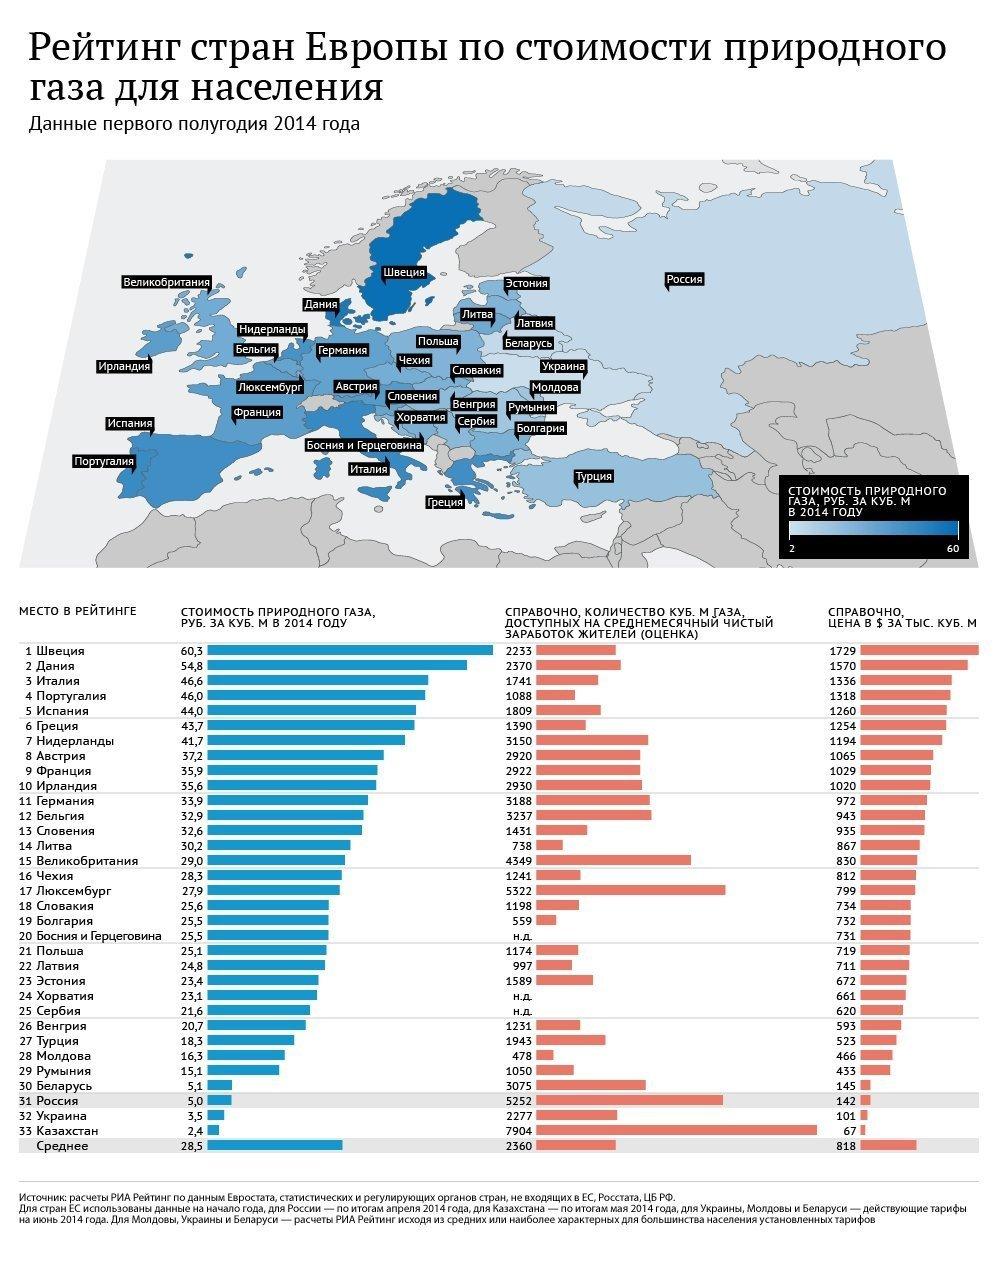 Рейтинг стран по ценам на природный газ для населения в 2014 году